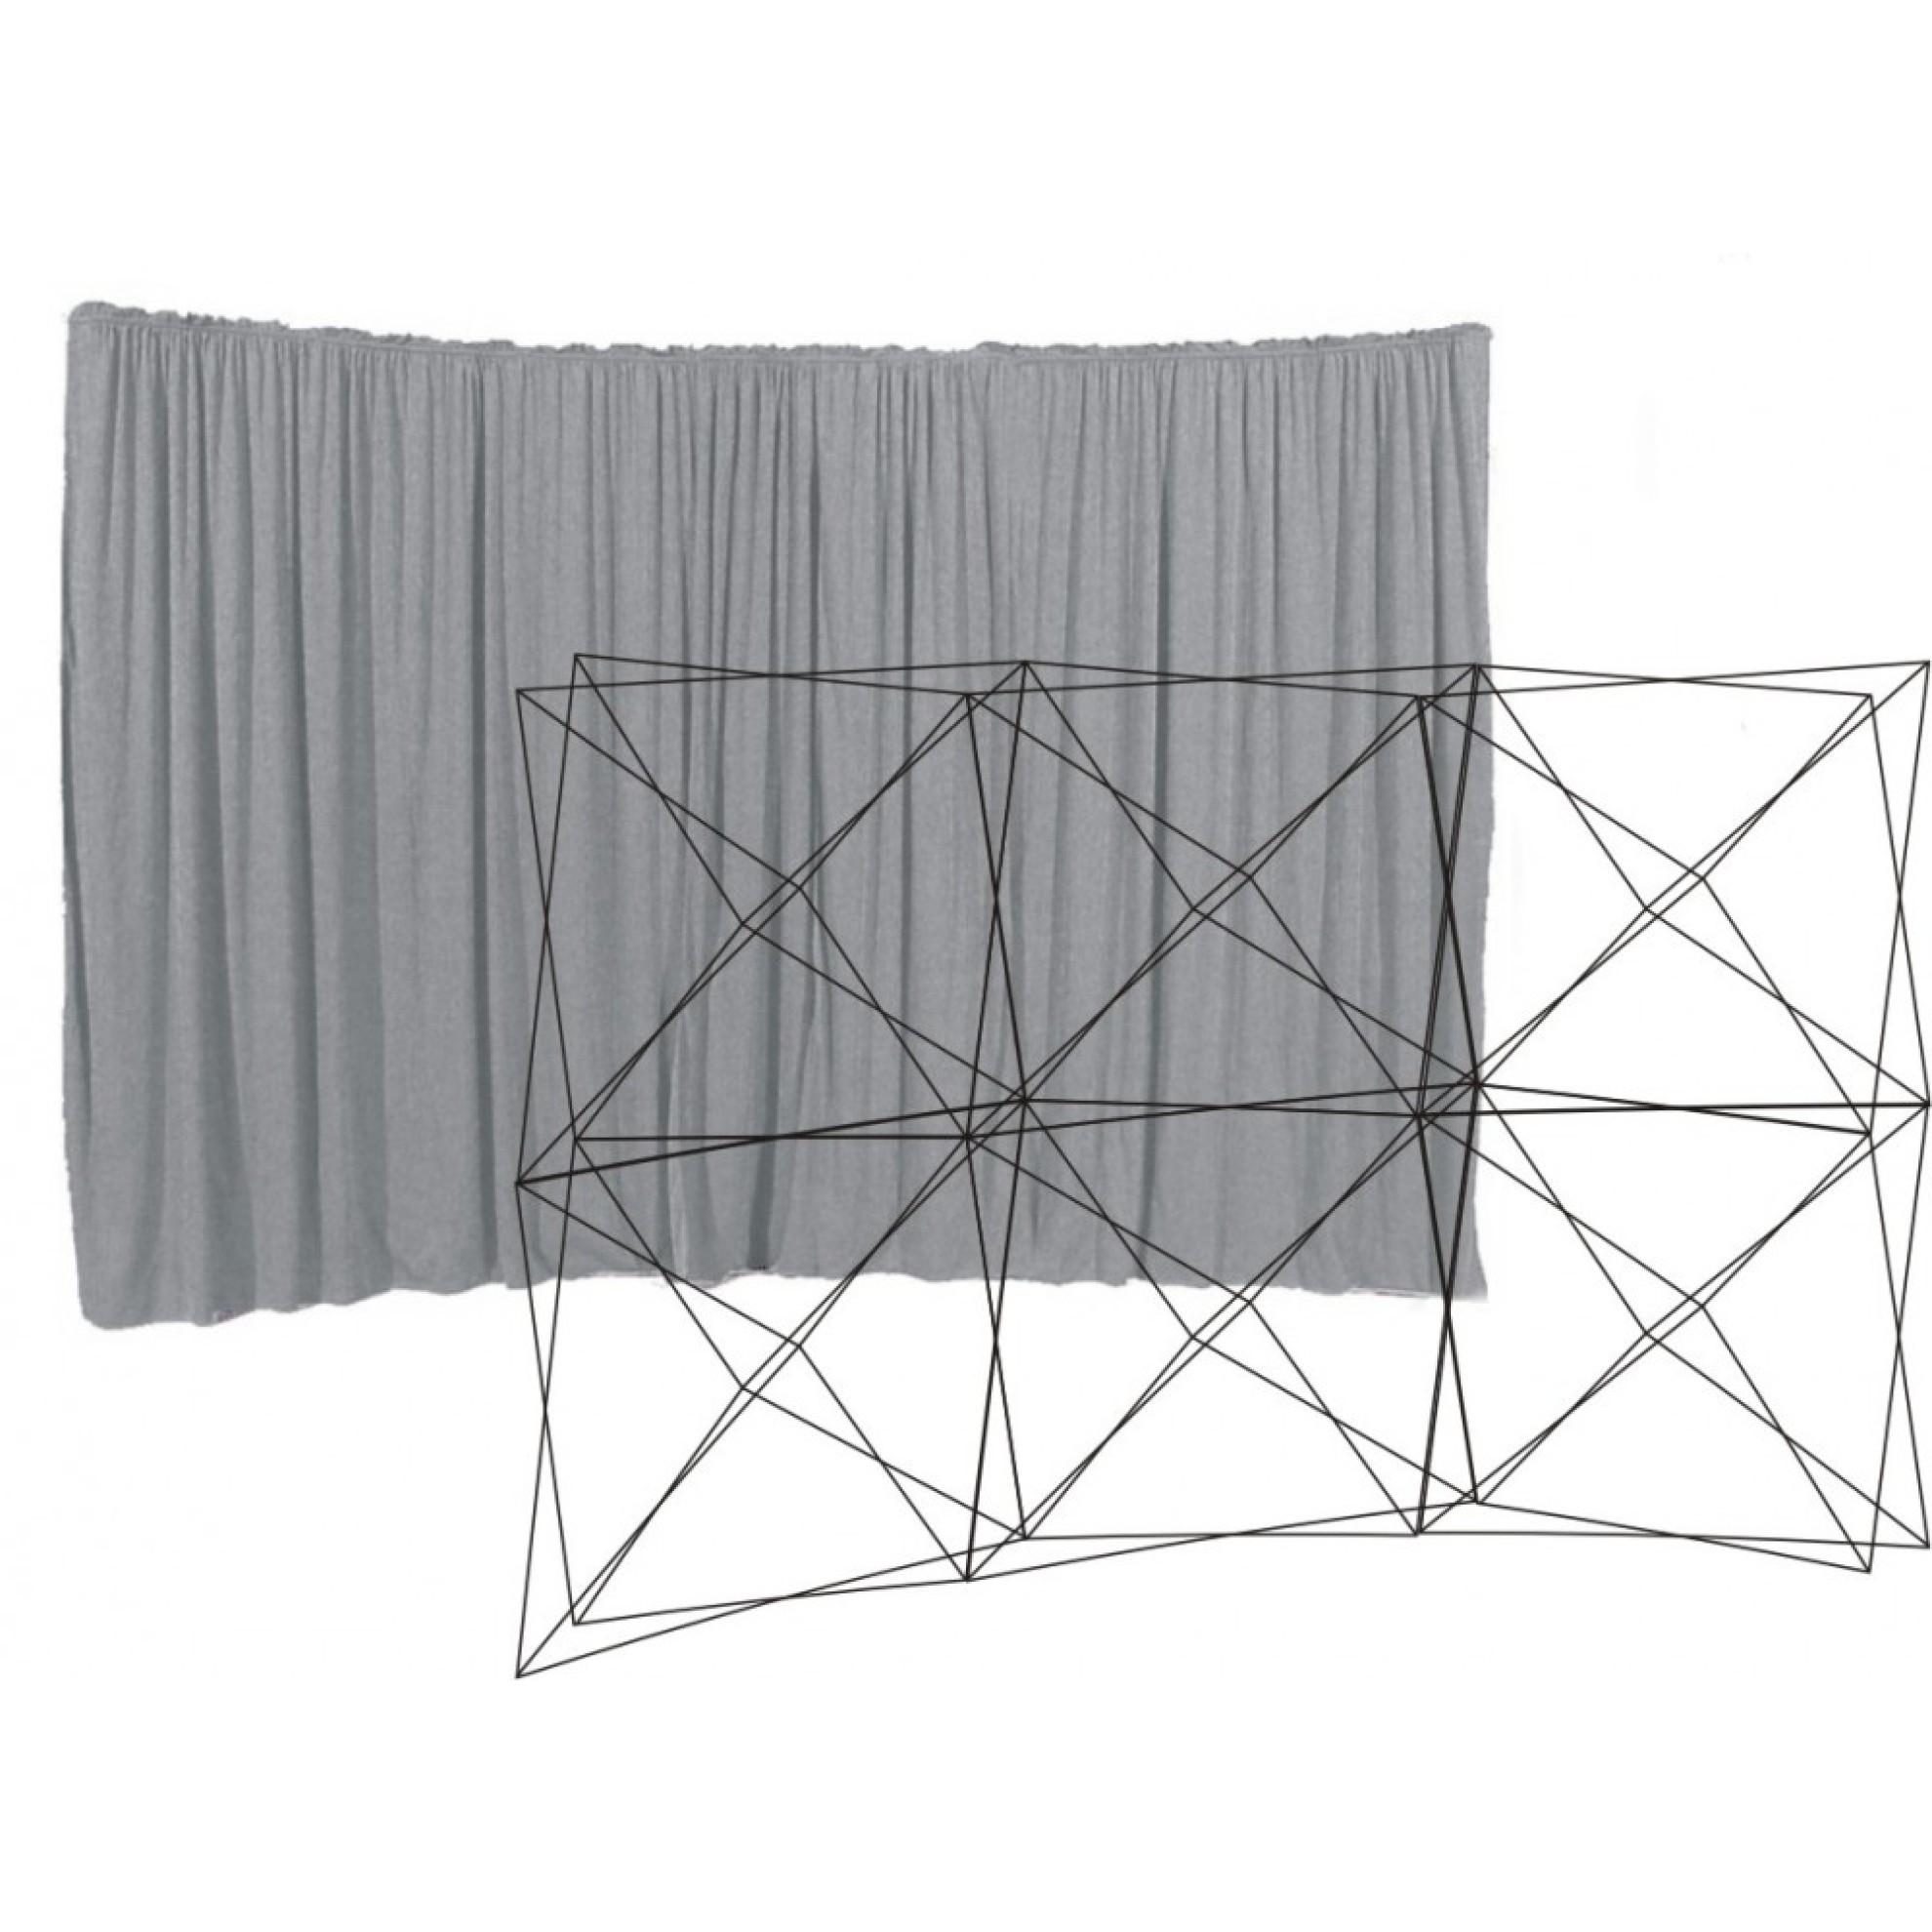 vorhang spider evoflex ohne durchgang 3 x 2 felder 300 x 220 cm bordeaux willkommen im spider. Black Bedroom Furniture Sets. Home Design Ideas